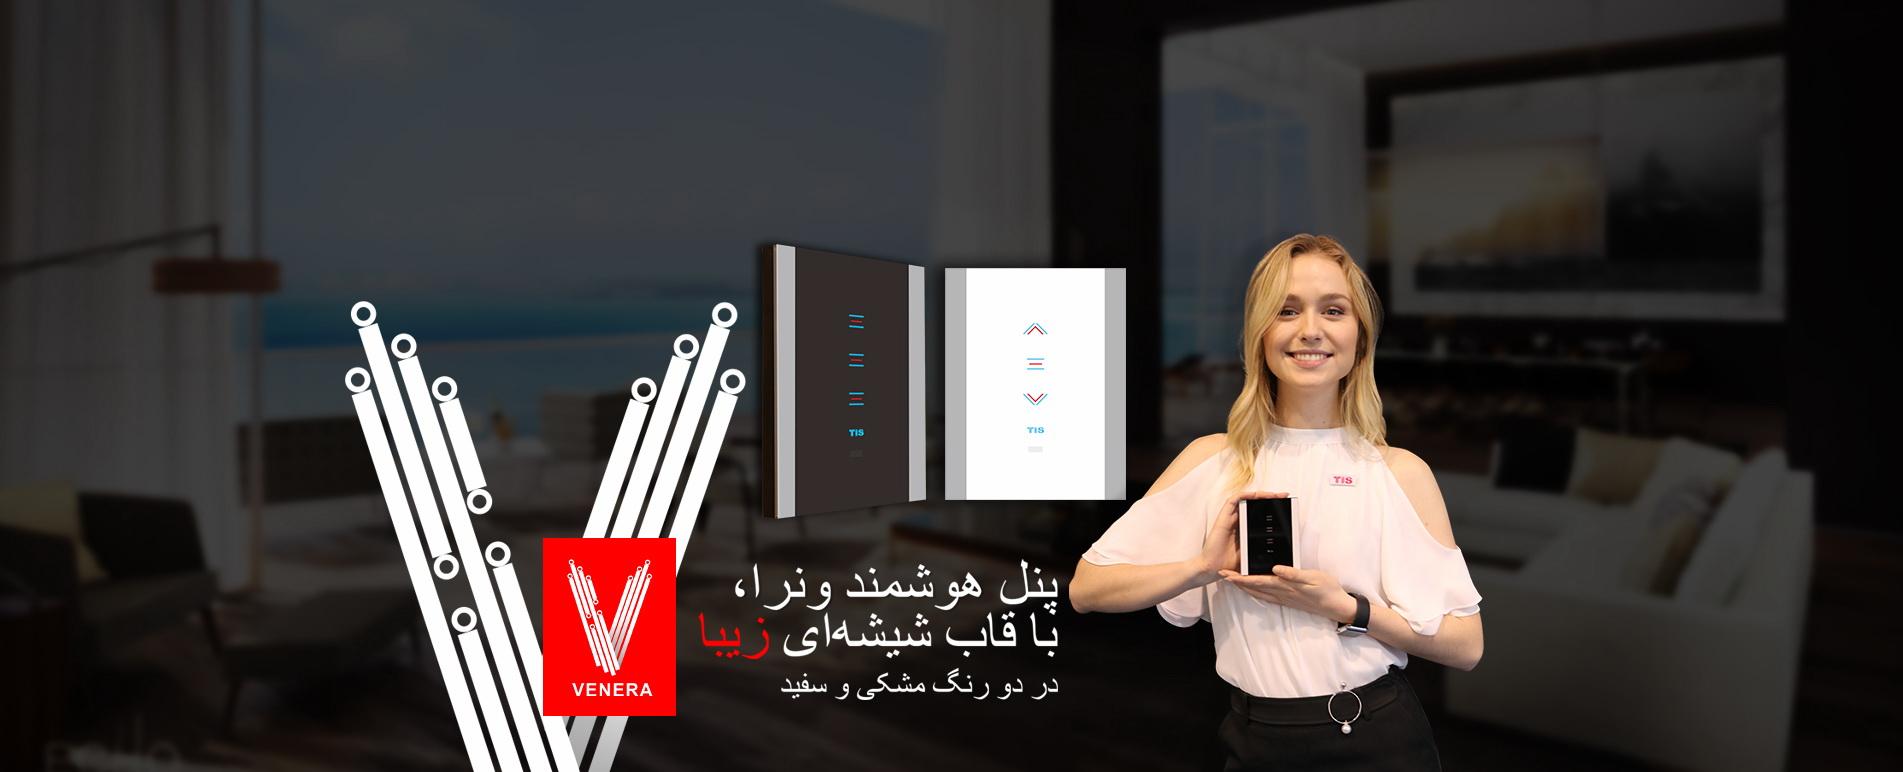 تکنولوژی TIS – کلیدهای روشنایی ونرا مجهز به Wifi